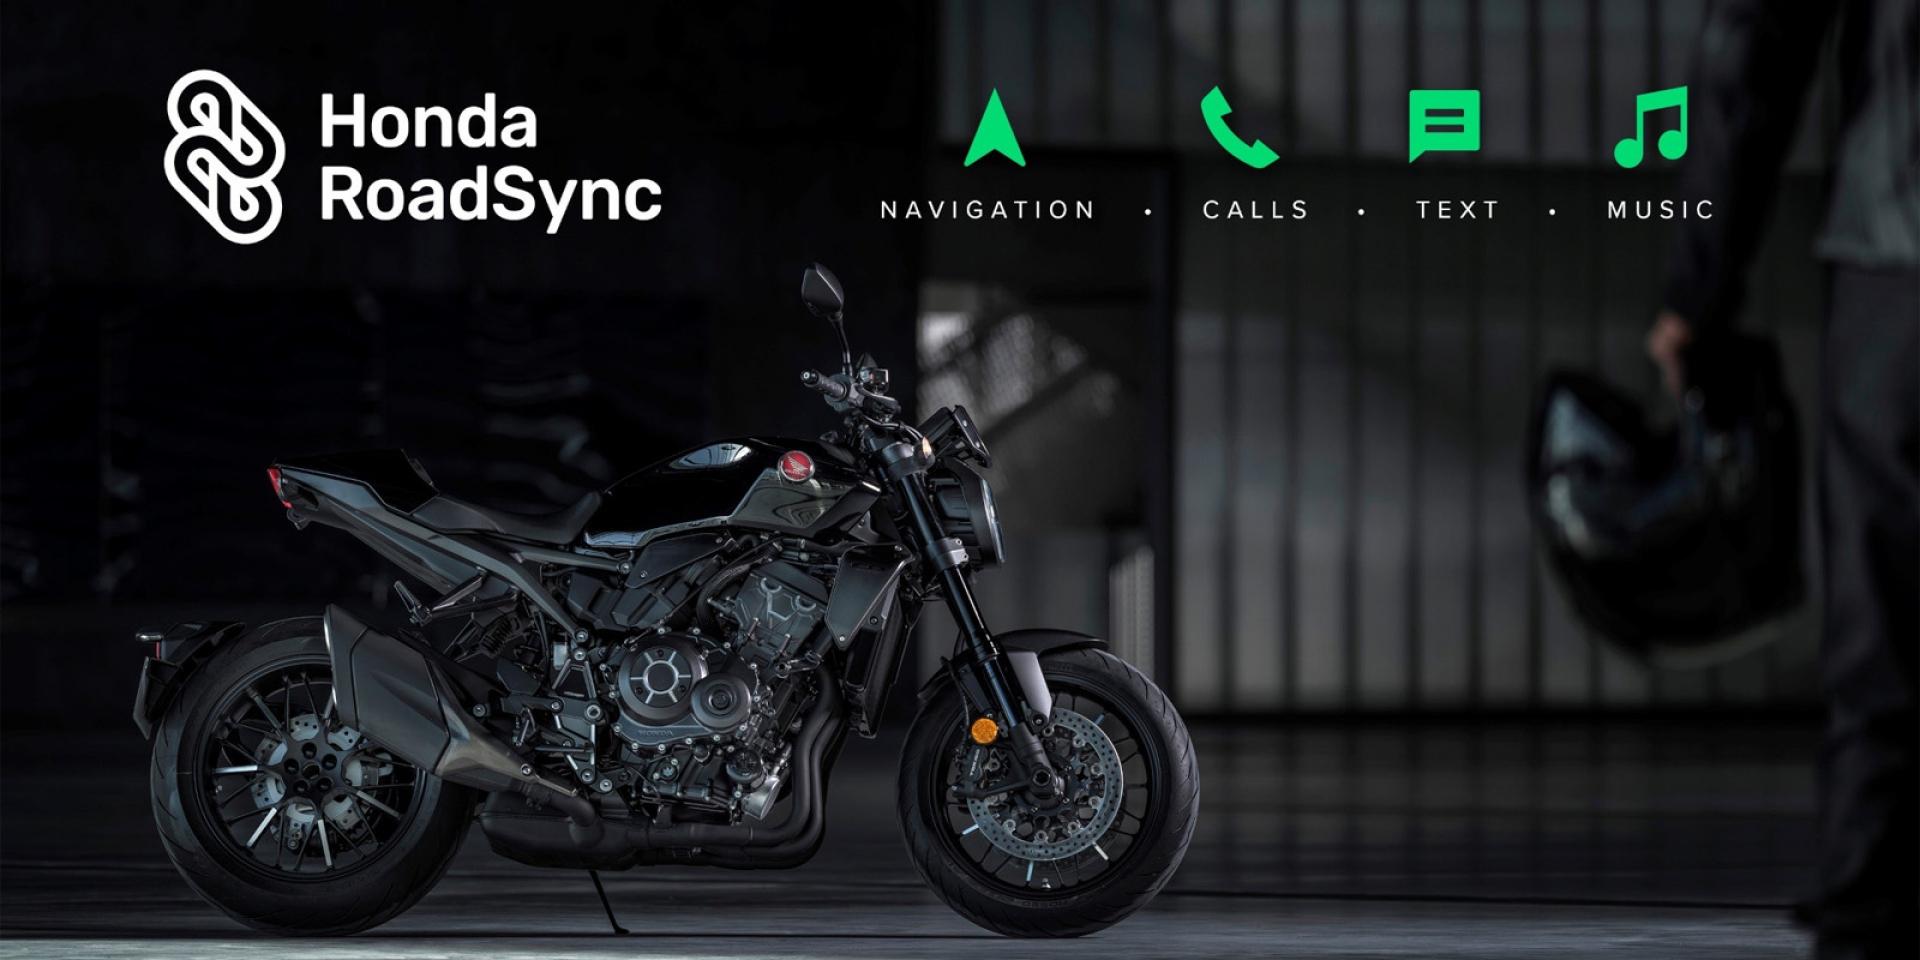 加入訊息朗讀、語音導航功能!HONDA RoadSync、語音控制系統歐洲登場